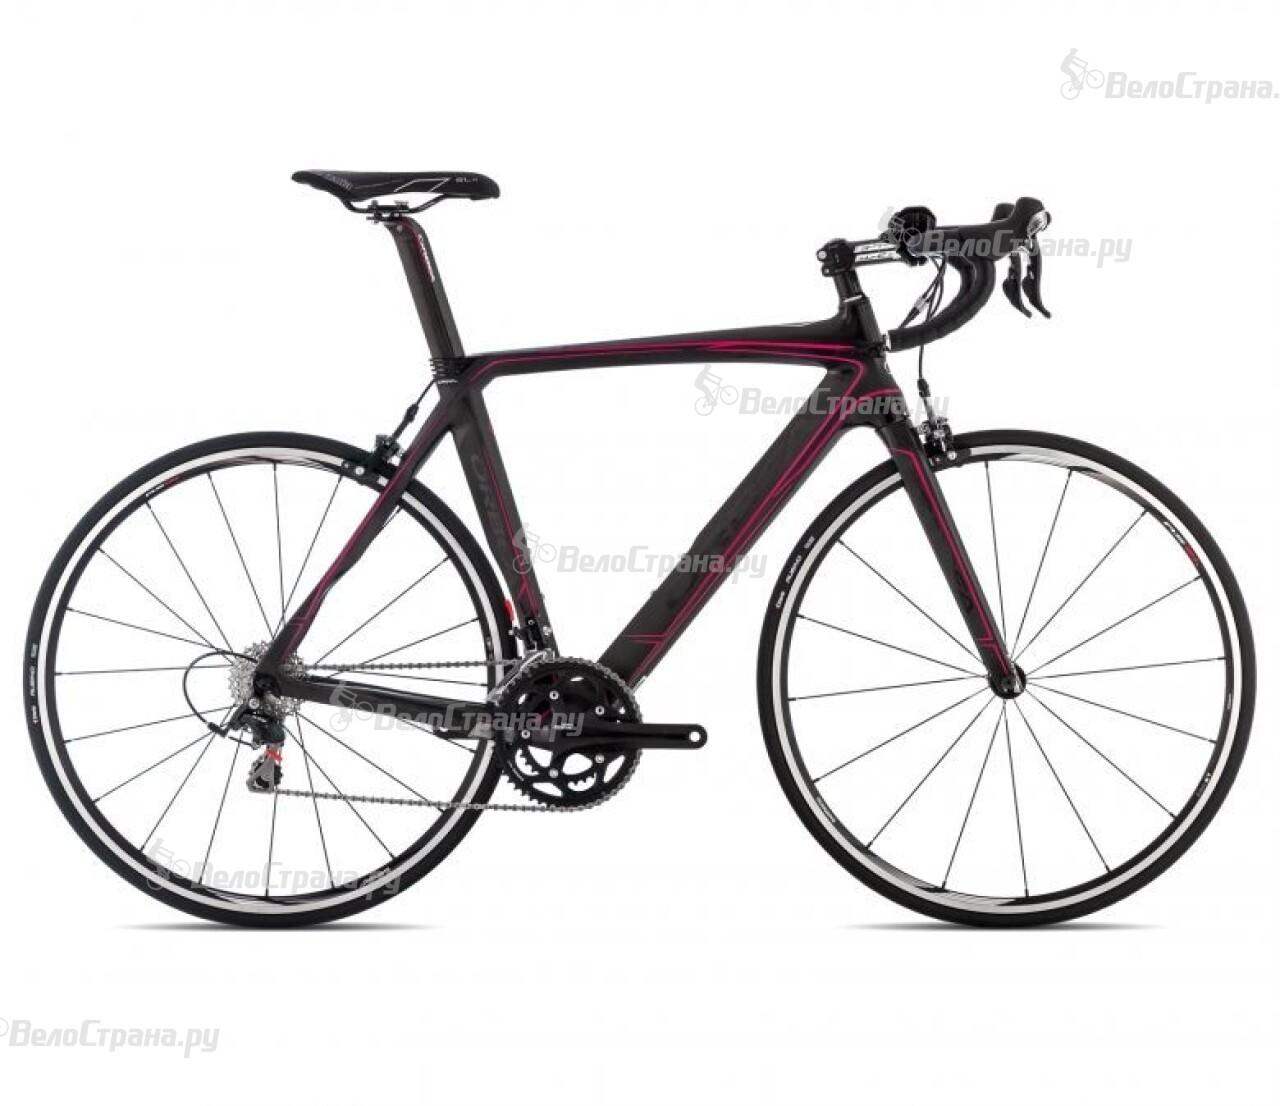 Велосипед Orbea Orca Tri M50 (2014) велосипед orbea orca dama gth 2013